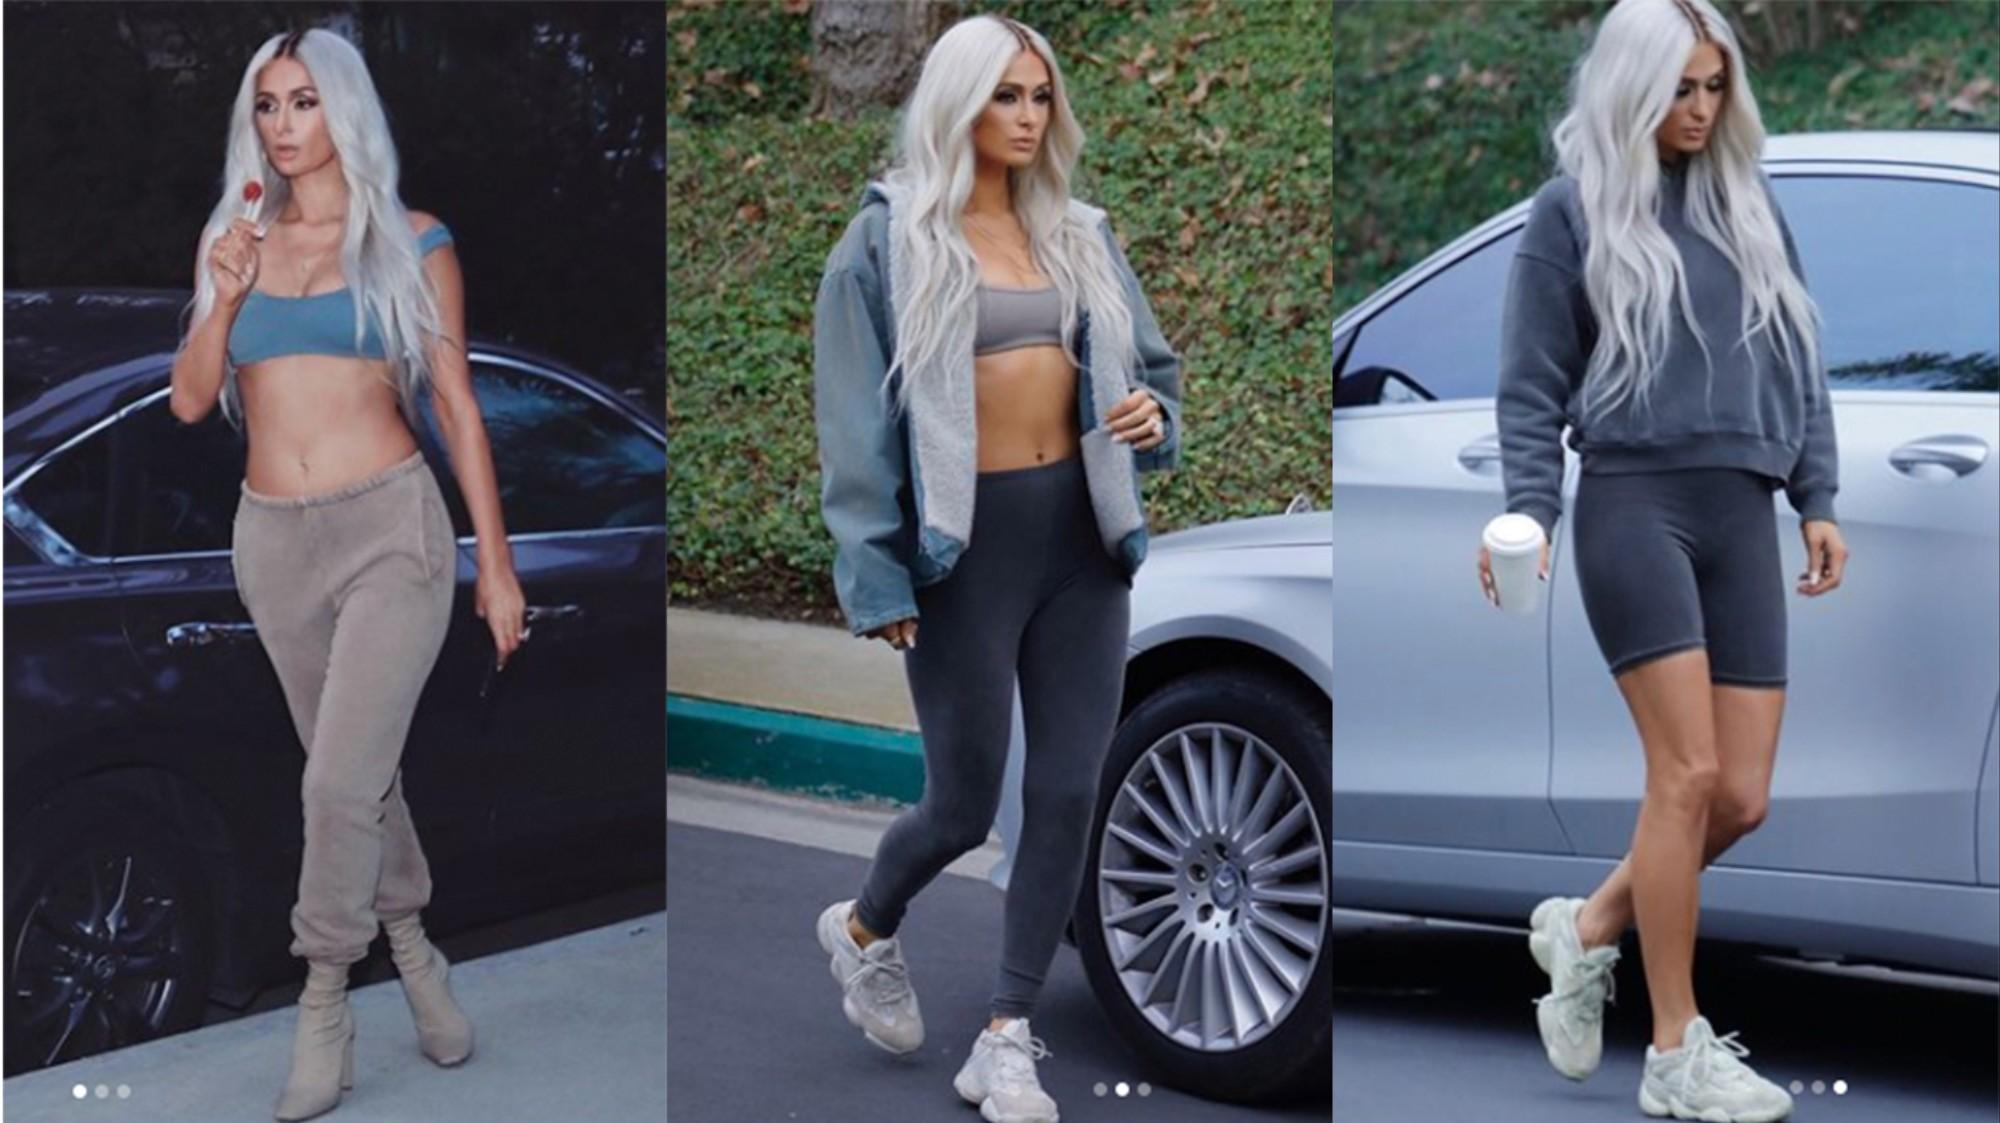 Guardaroba Di Paris Hilton.Quella Nelle Foto Non E Kim Kardashian Ma Paris Hilton I D